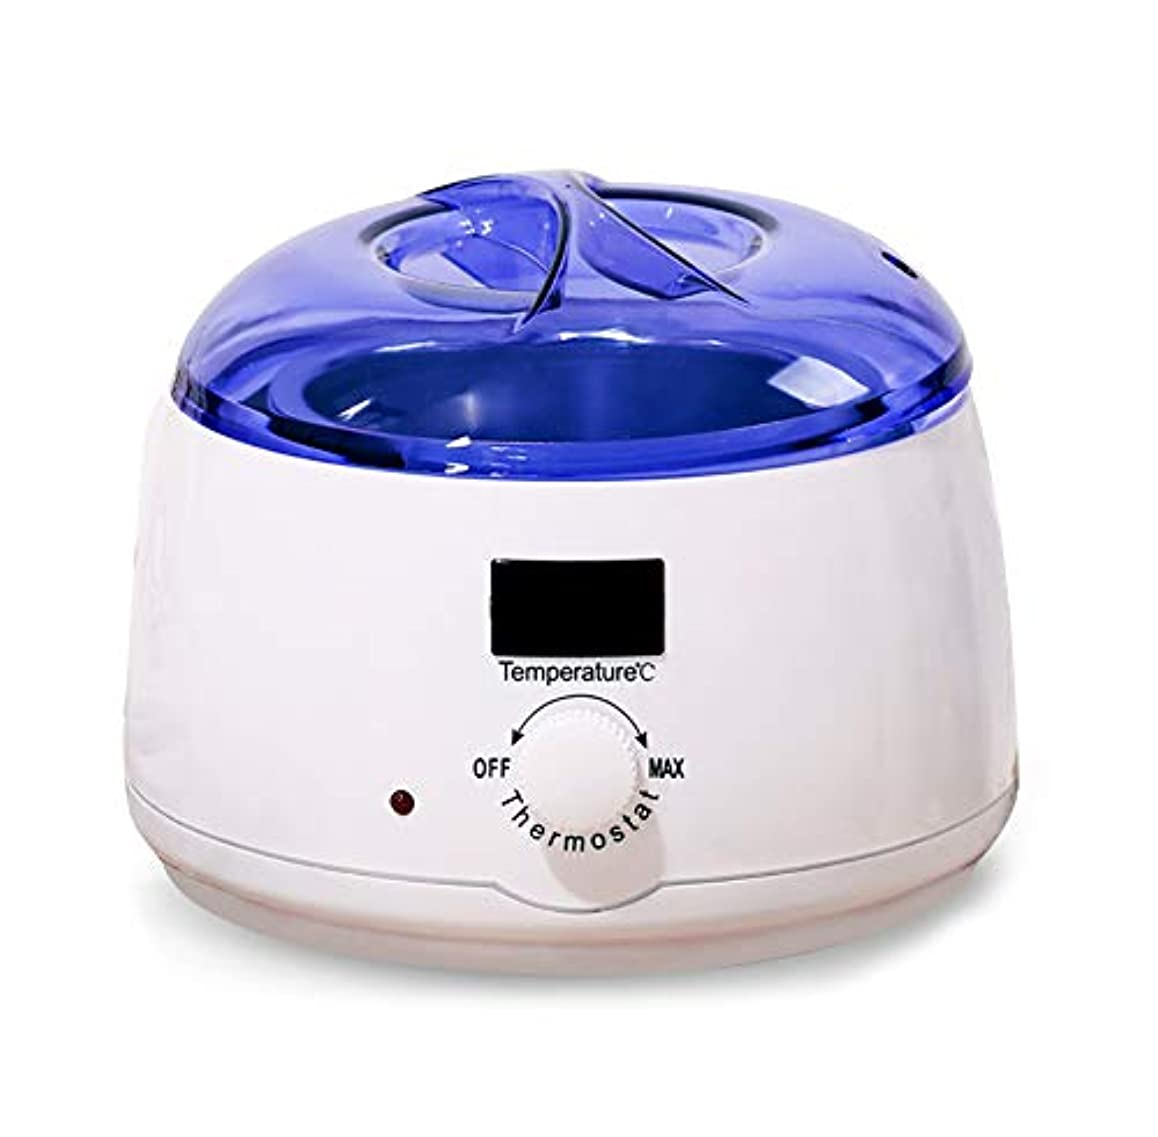 見物人技術者レシピワックス加熱ポットプロフェッショナルポータブル脱毛電気ワックスウォーマー、家庭用およびサロン用高速加熱